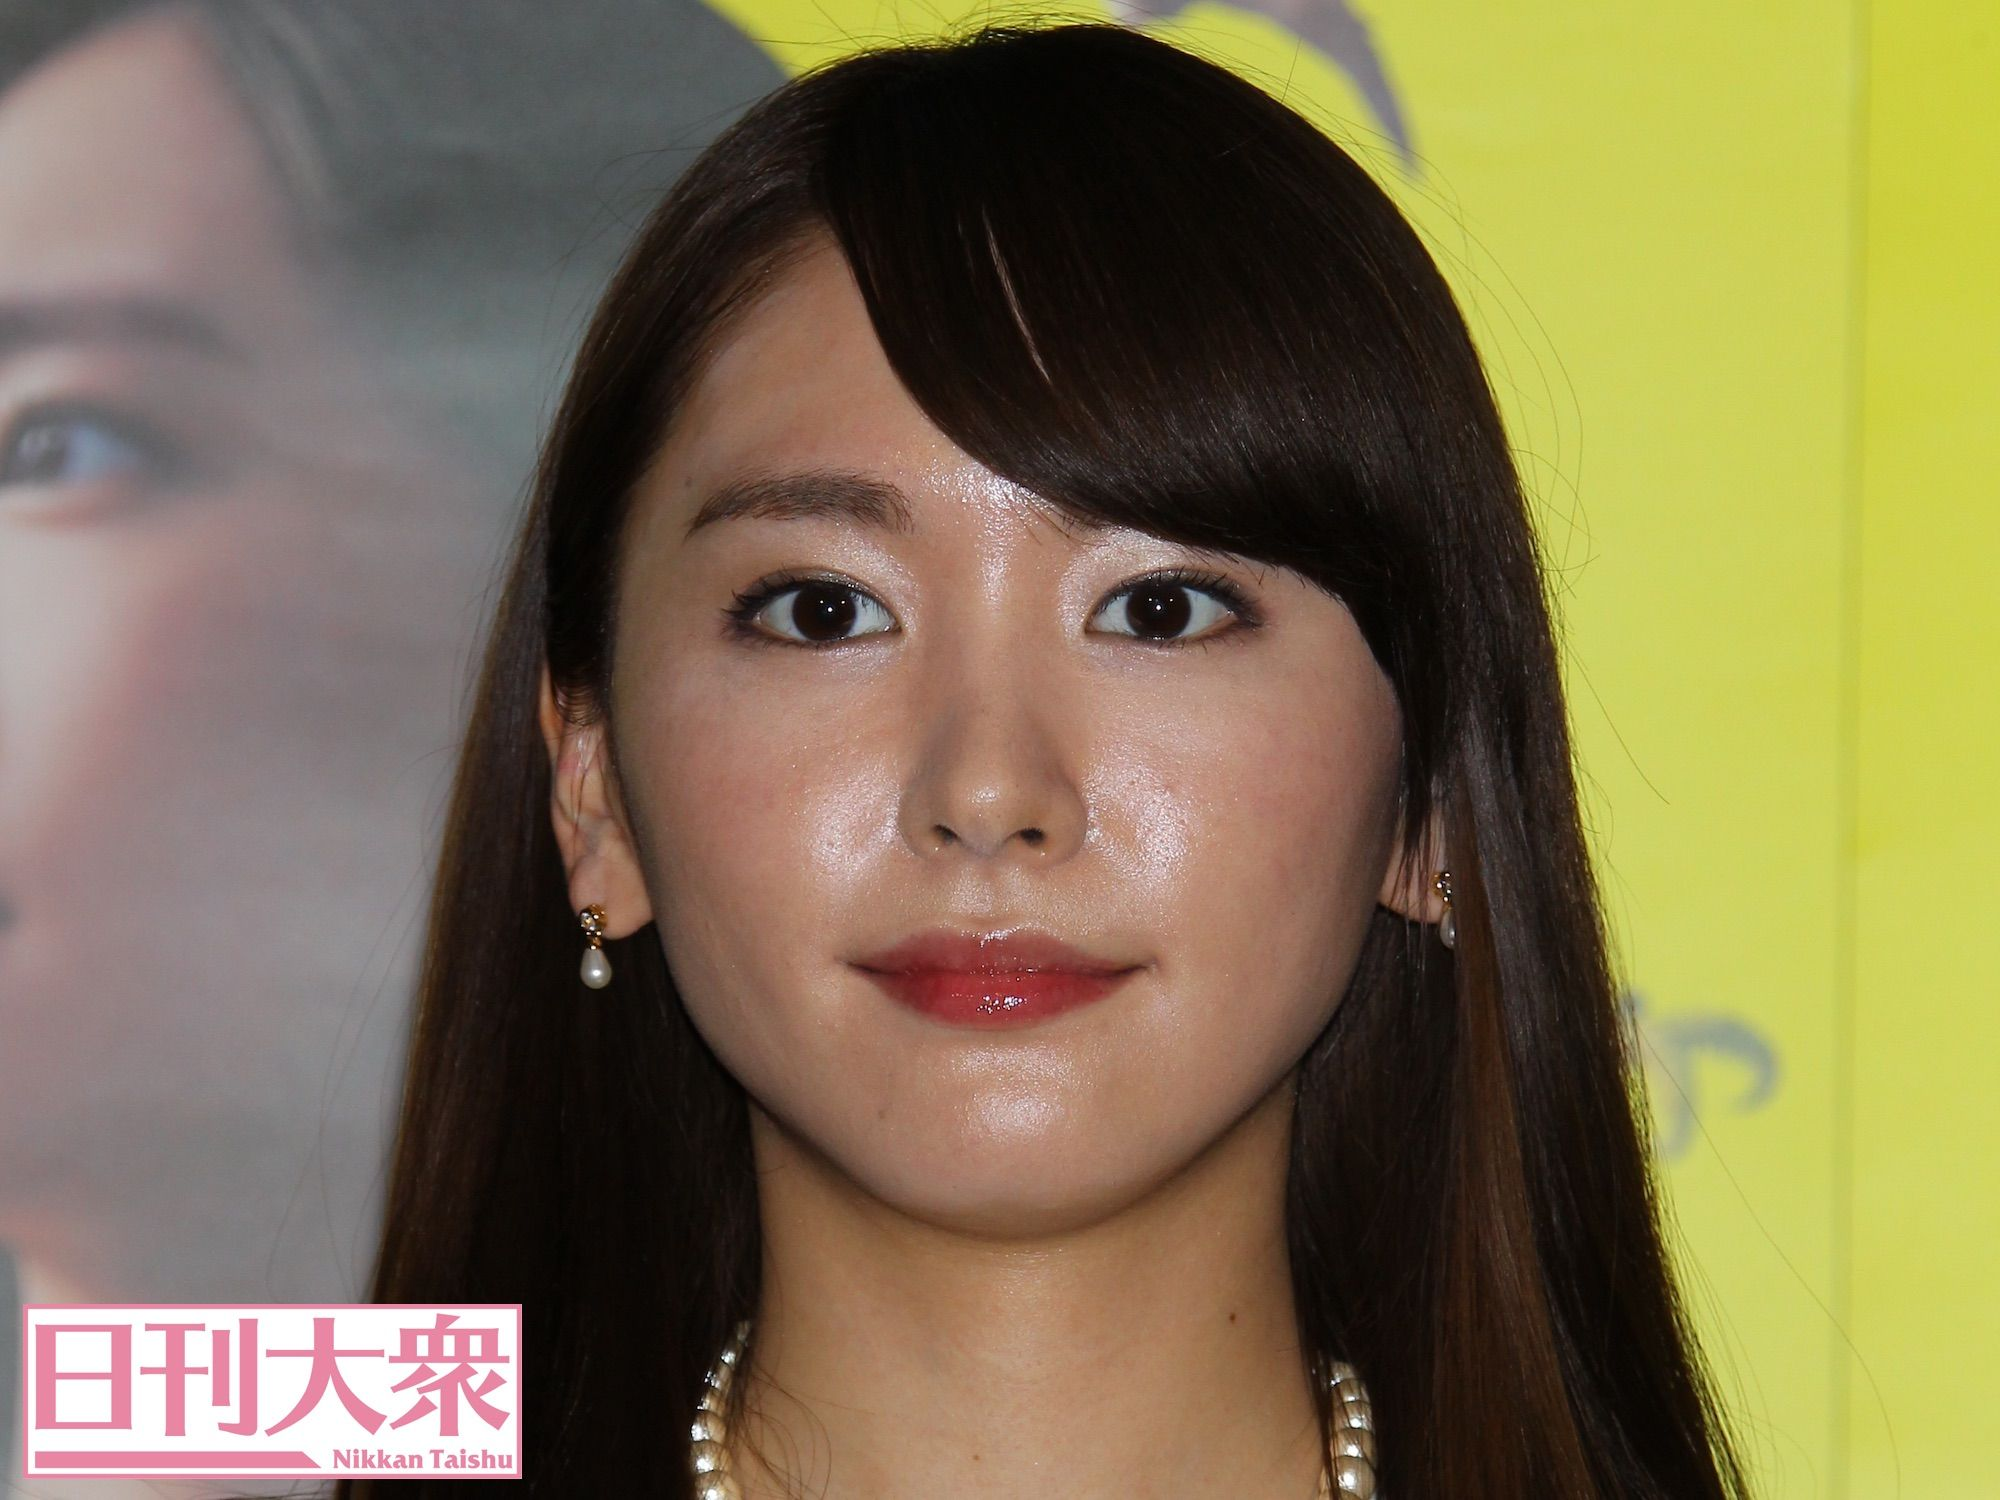 女性の顔ドアップ [無断転載禁止]©bbspink.comYouTube動画>1本 ->画像>439枚